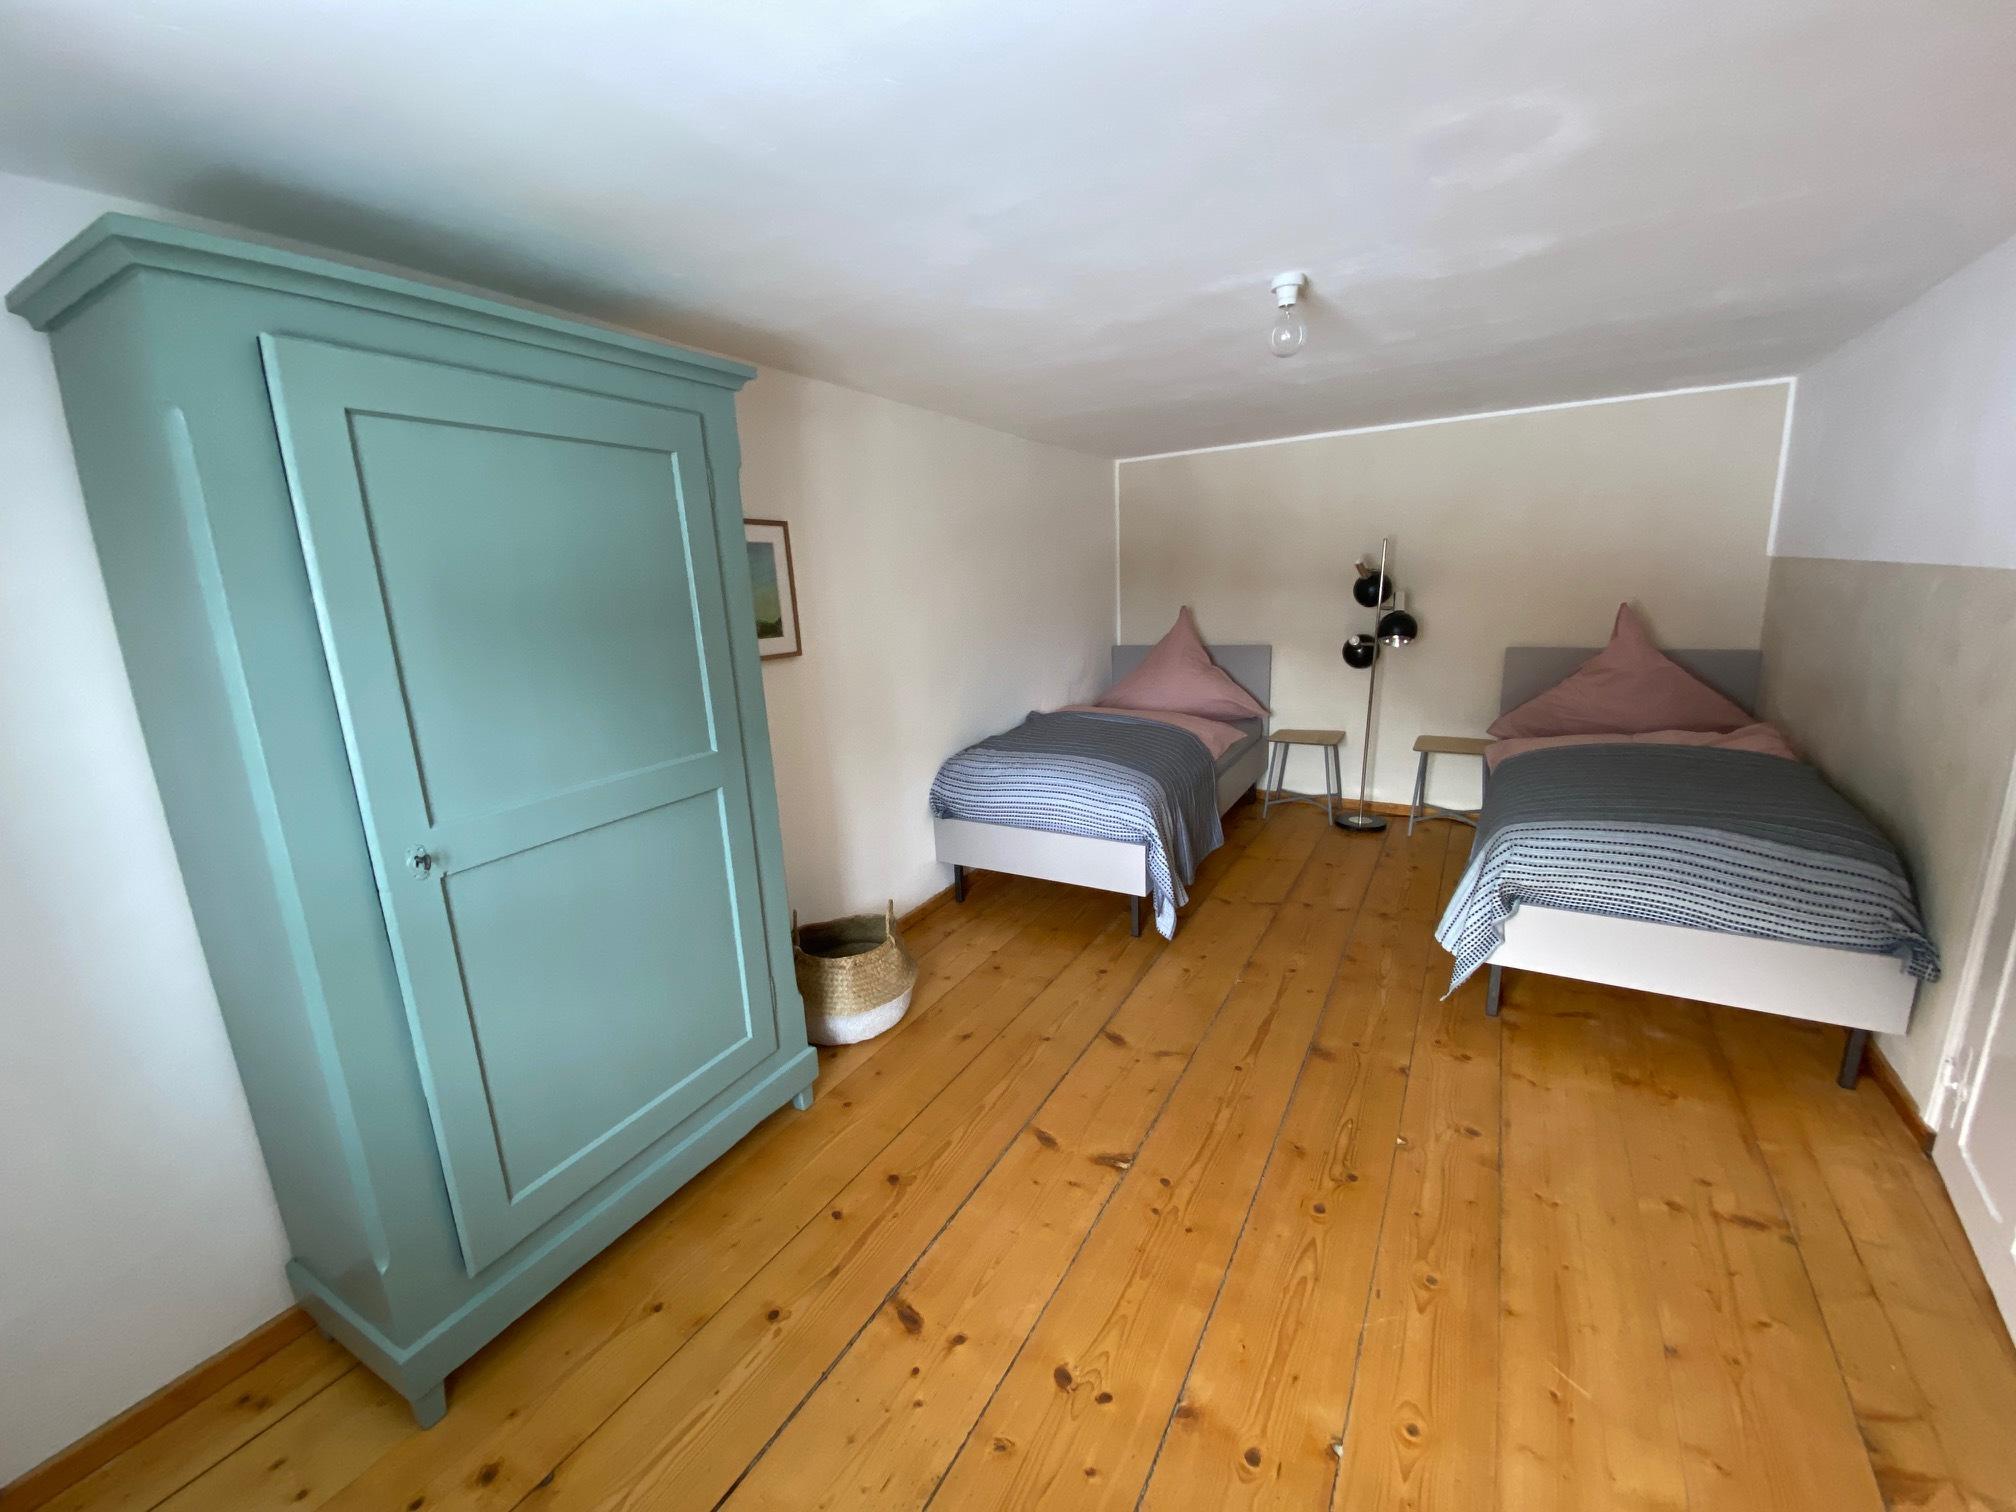 Zimmer mit zwei Einzelbetten 1. Stock Ferienhaus